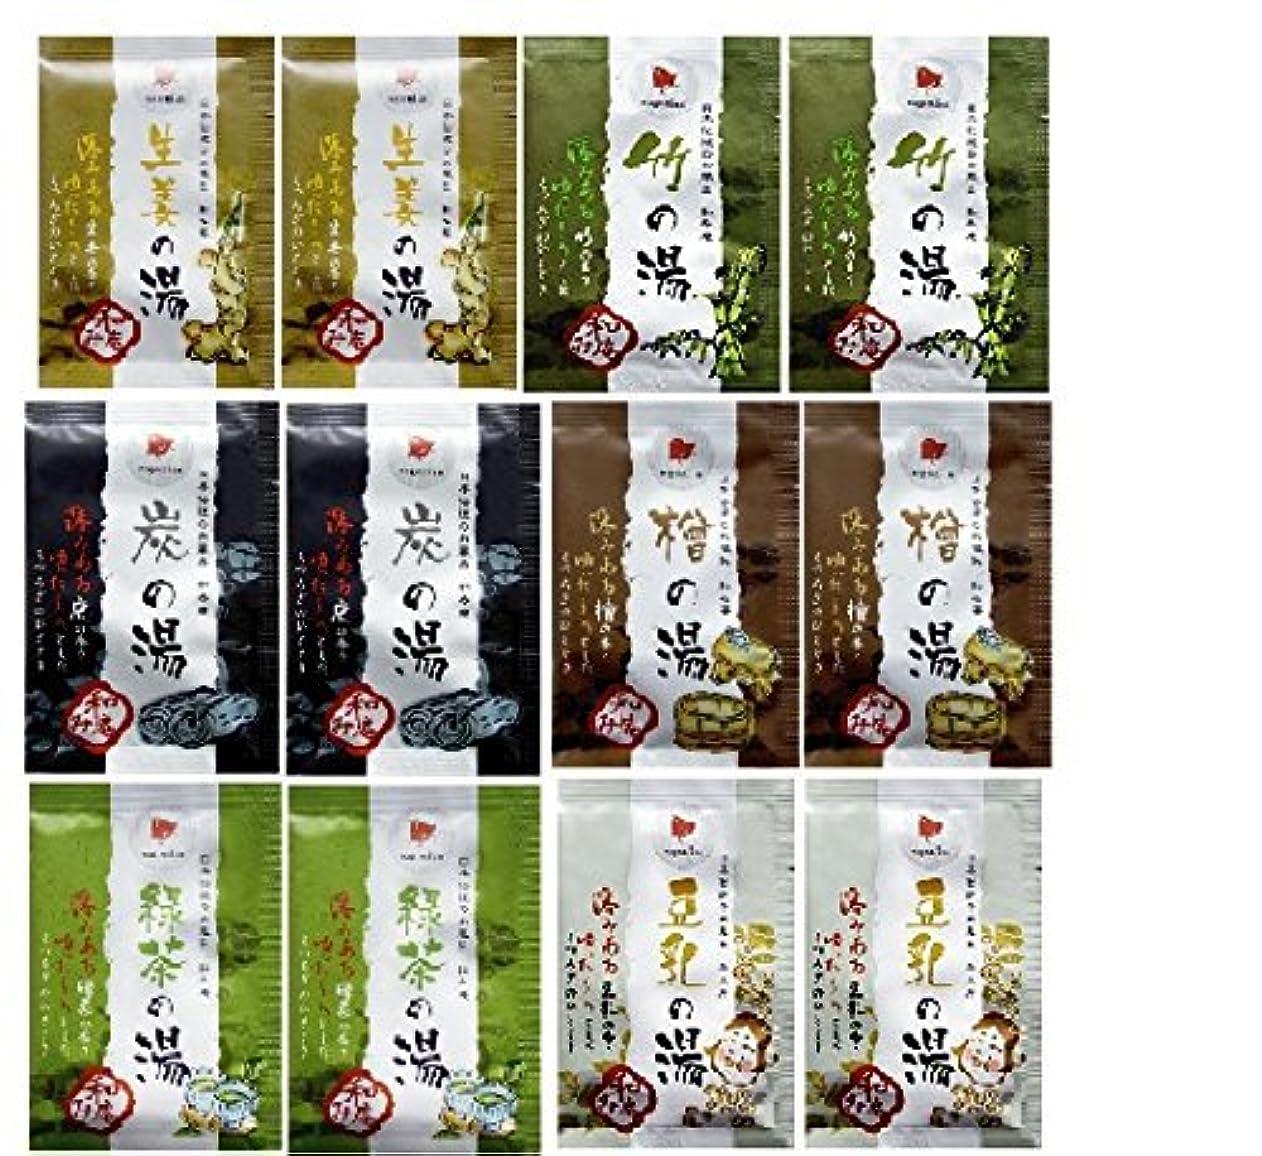 厚くする重くする違反日本伝統のお風呂 和み庵 6種類×2 12包